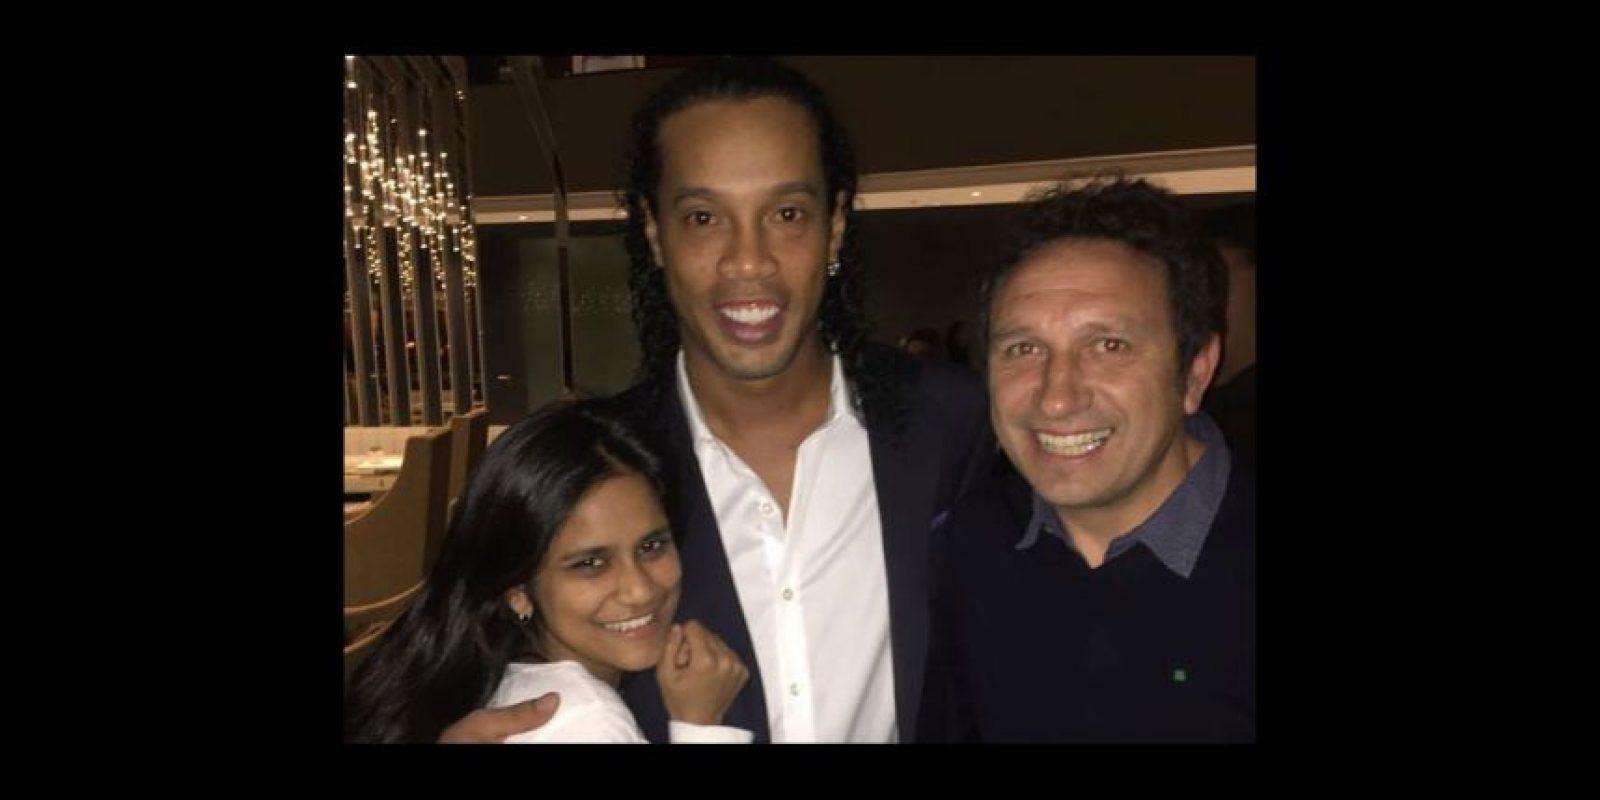 Eusebio Sacristán, actual DT de la Real Sociedad, y su hija Foto:Via twitter.com/eusebiosacristan